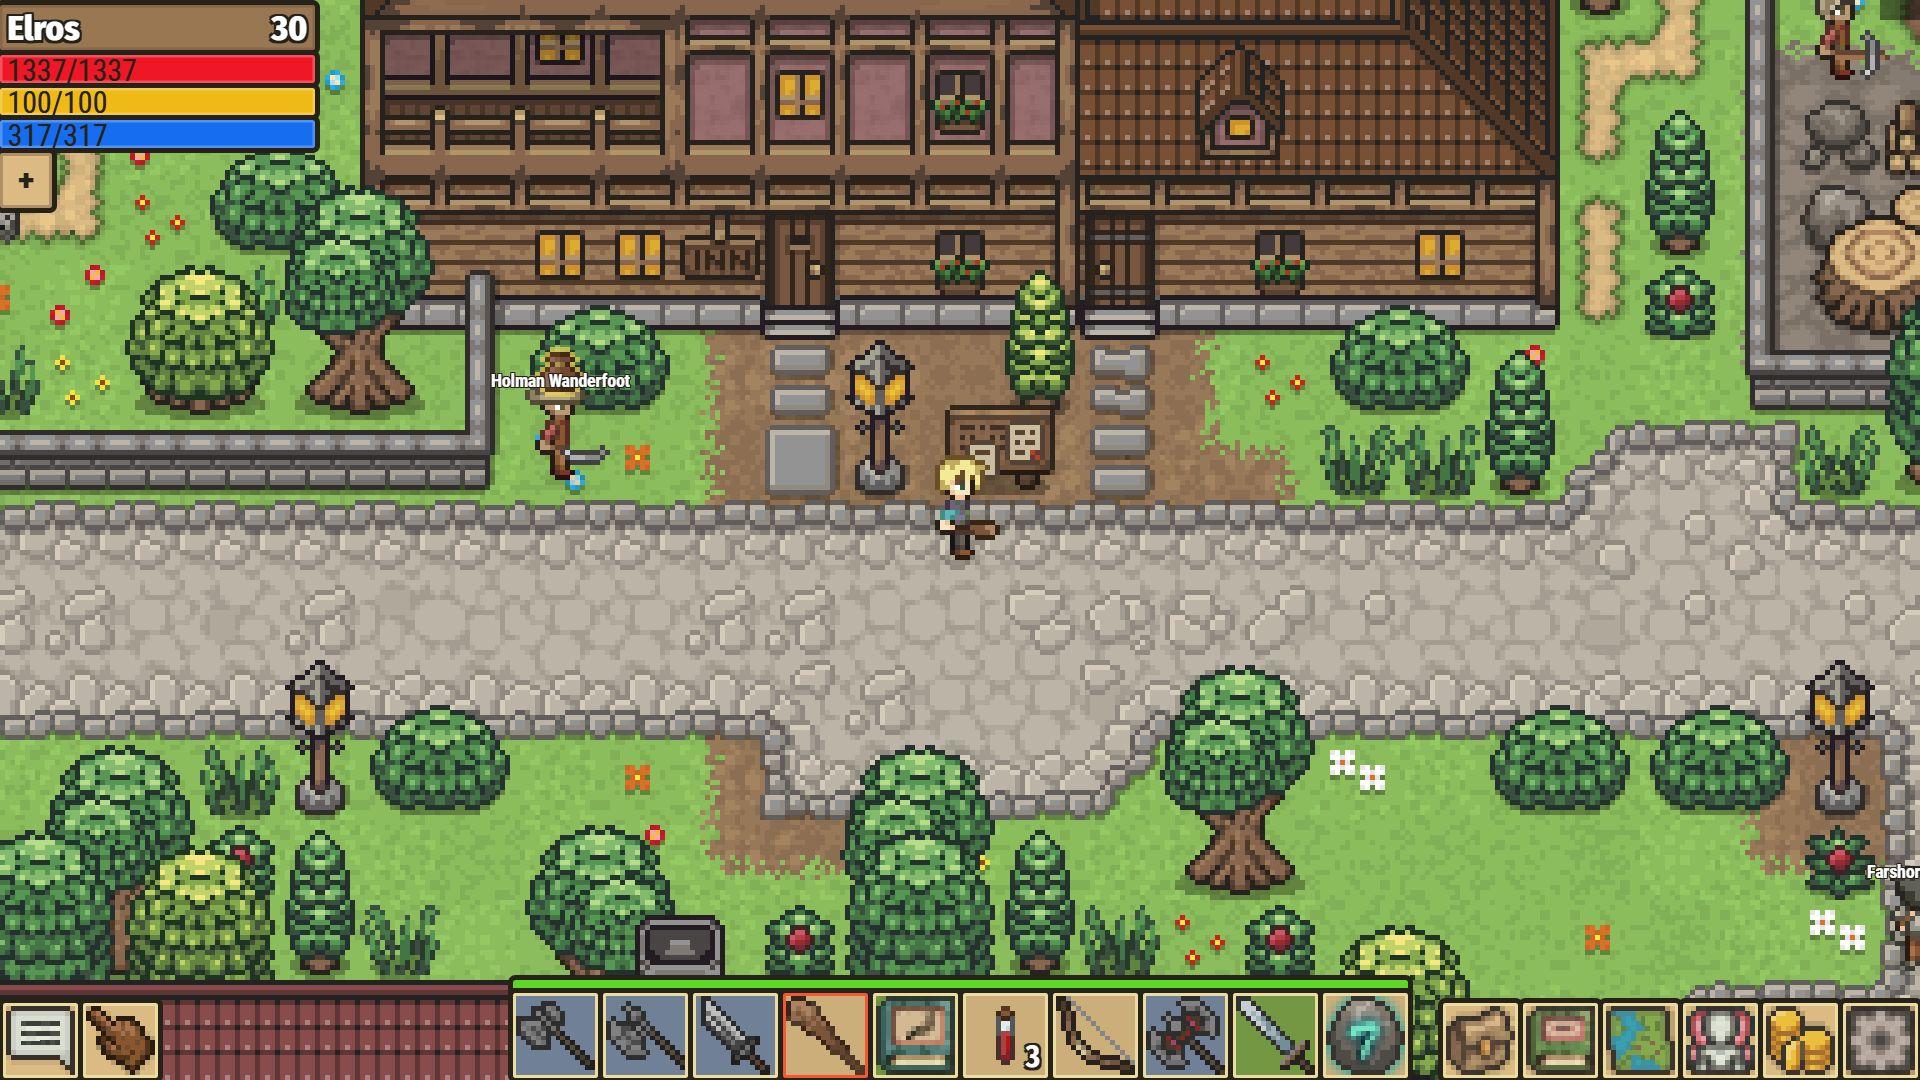 Stein.world - MMORPG 游戏截图1